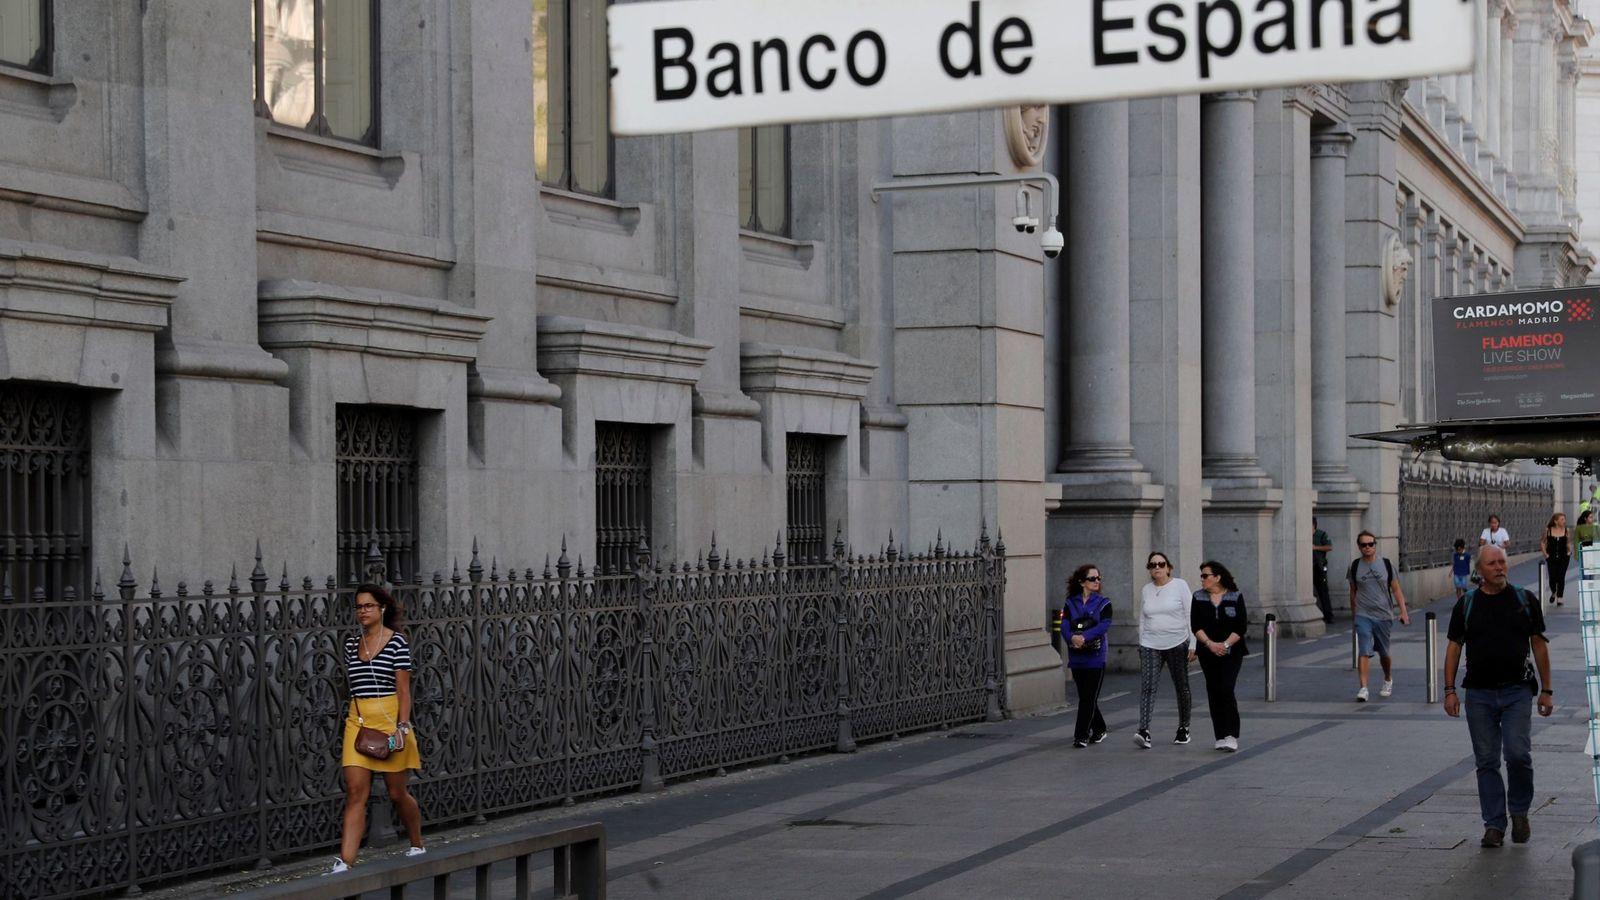 Foto: Banco de España. (Efe)